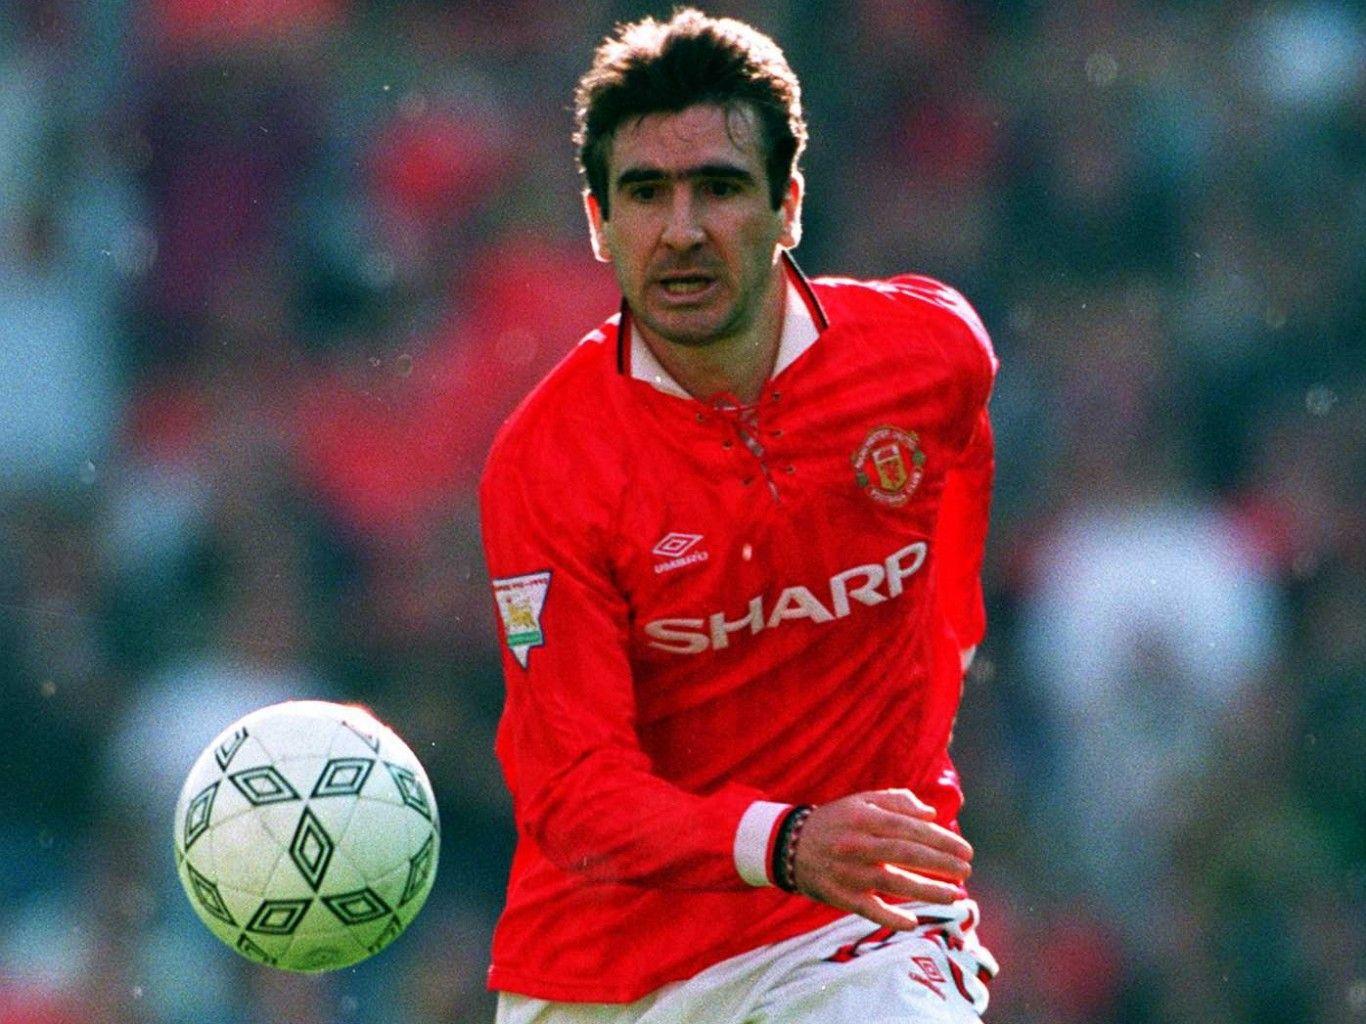 Eric cantona sous le maillot de manchester united, le 12 octobre 1996. Похожее изображение   Eric cantona, Manchester united ...